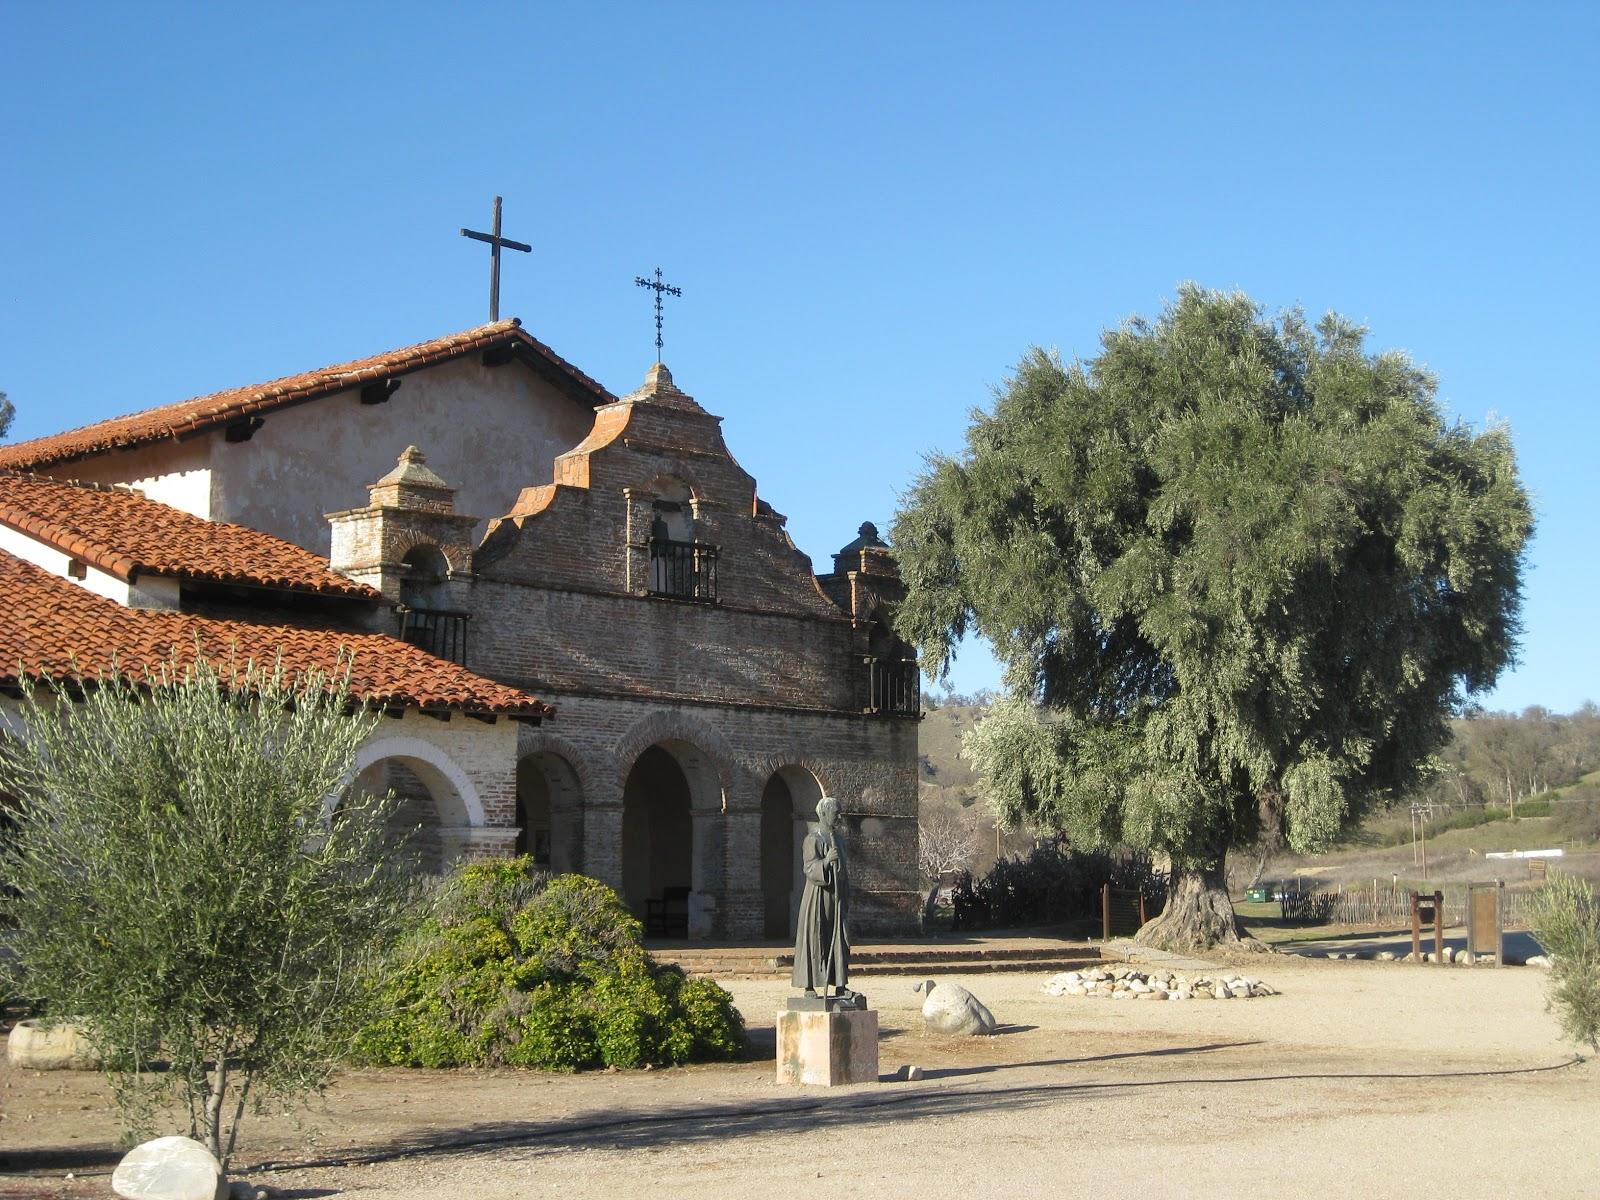 Mission San Antonio de Padua